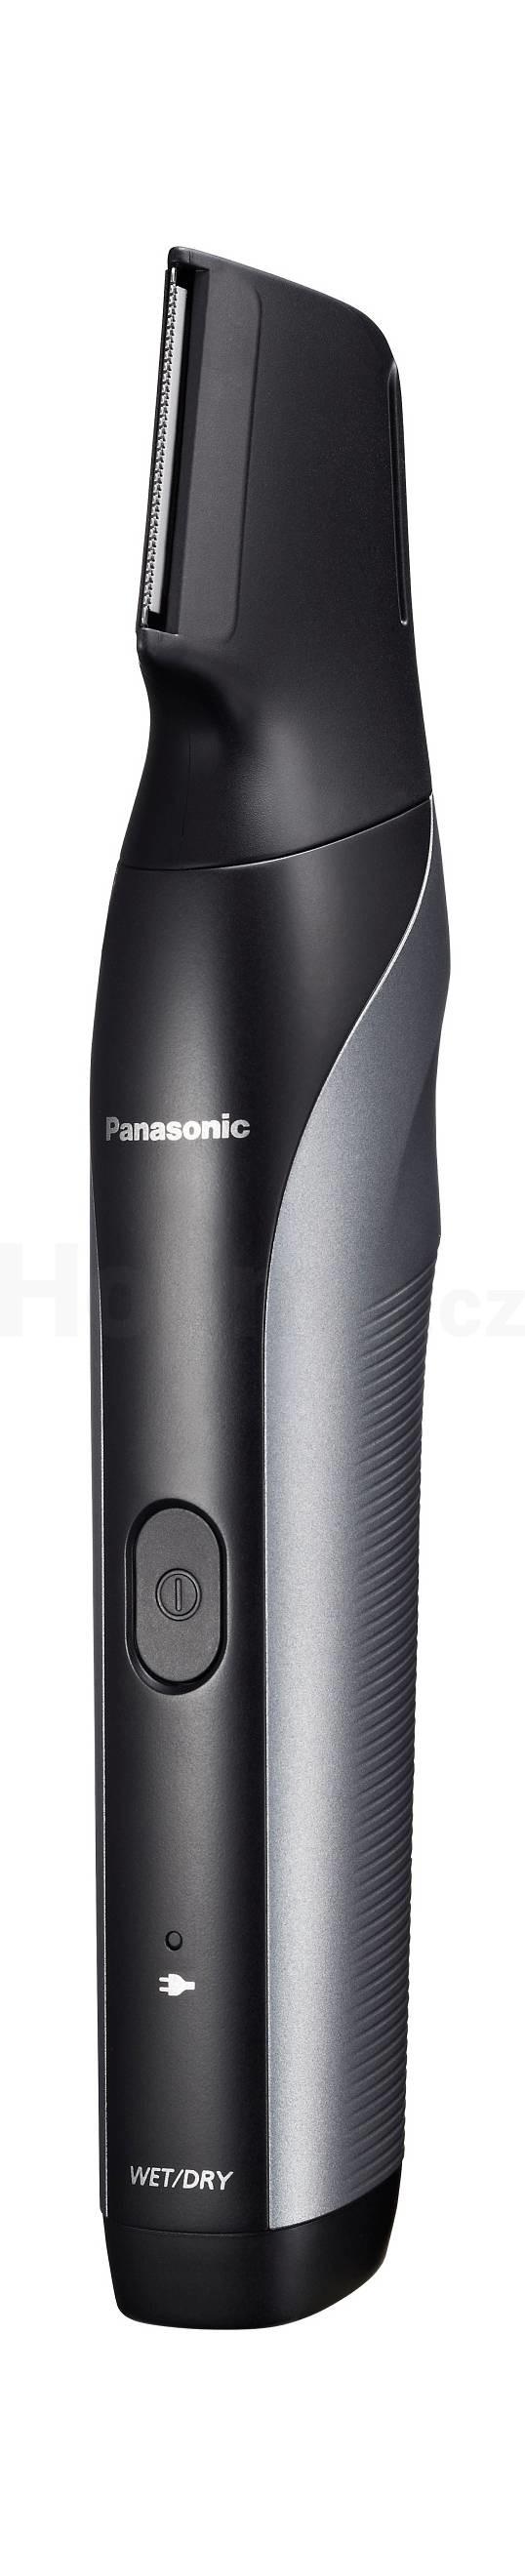 Panasonic ER-GK80-S503 zastřihovač chloupků